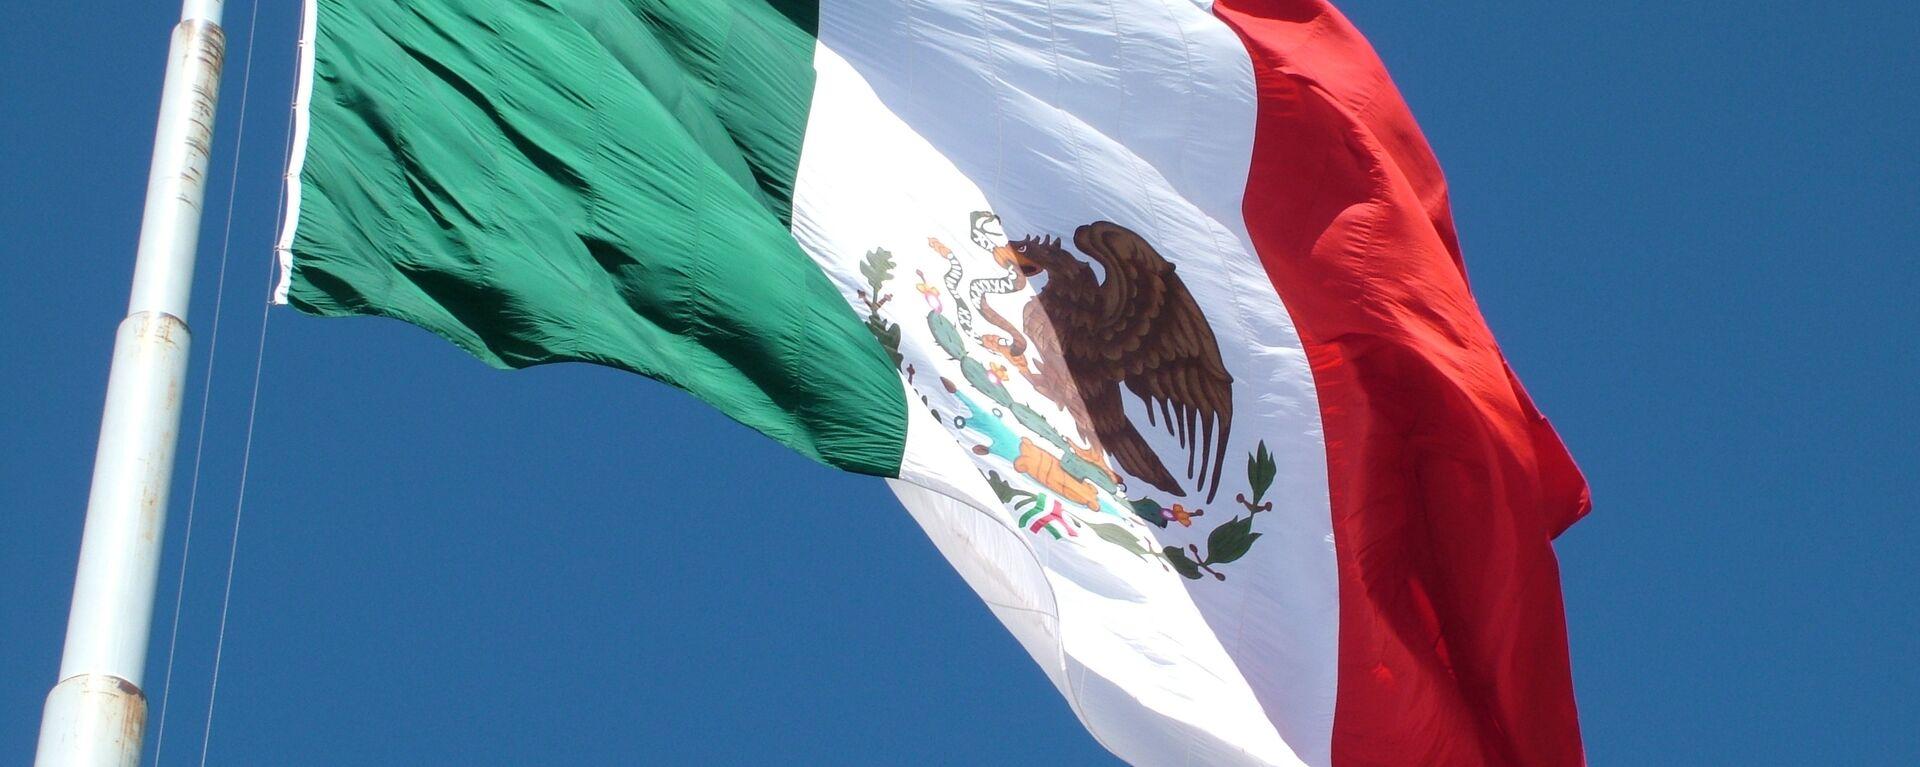 Bandera de México - Sputnik Mundo, 1920, 18.05.2021